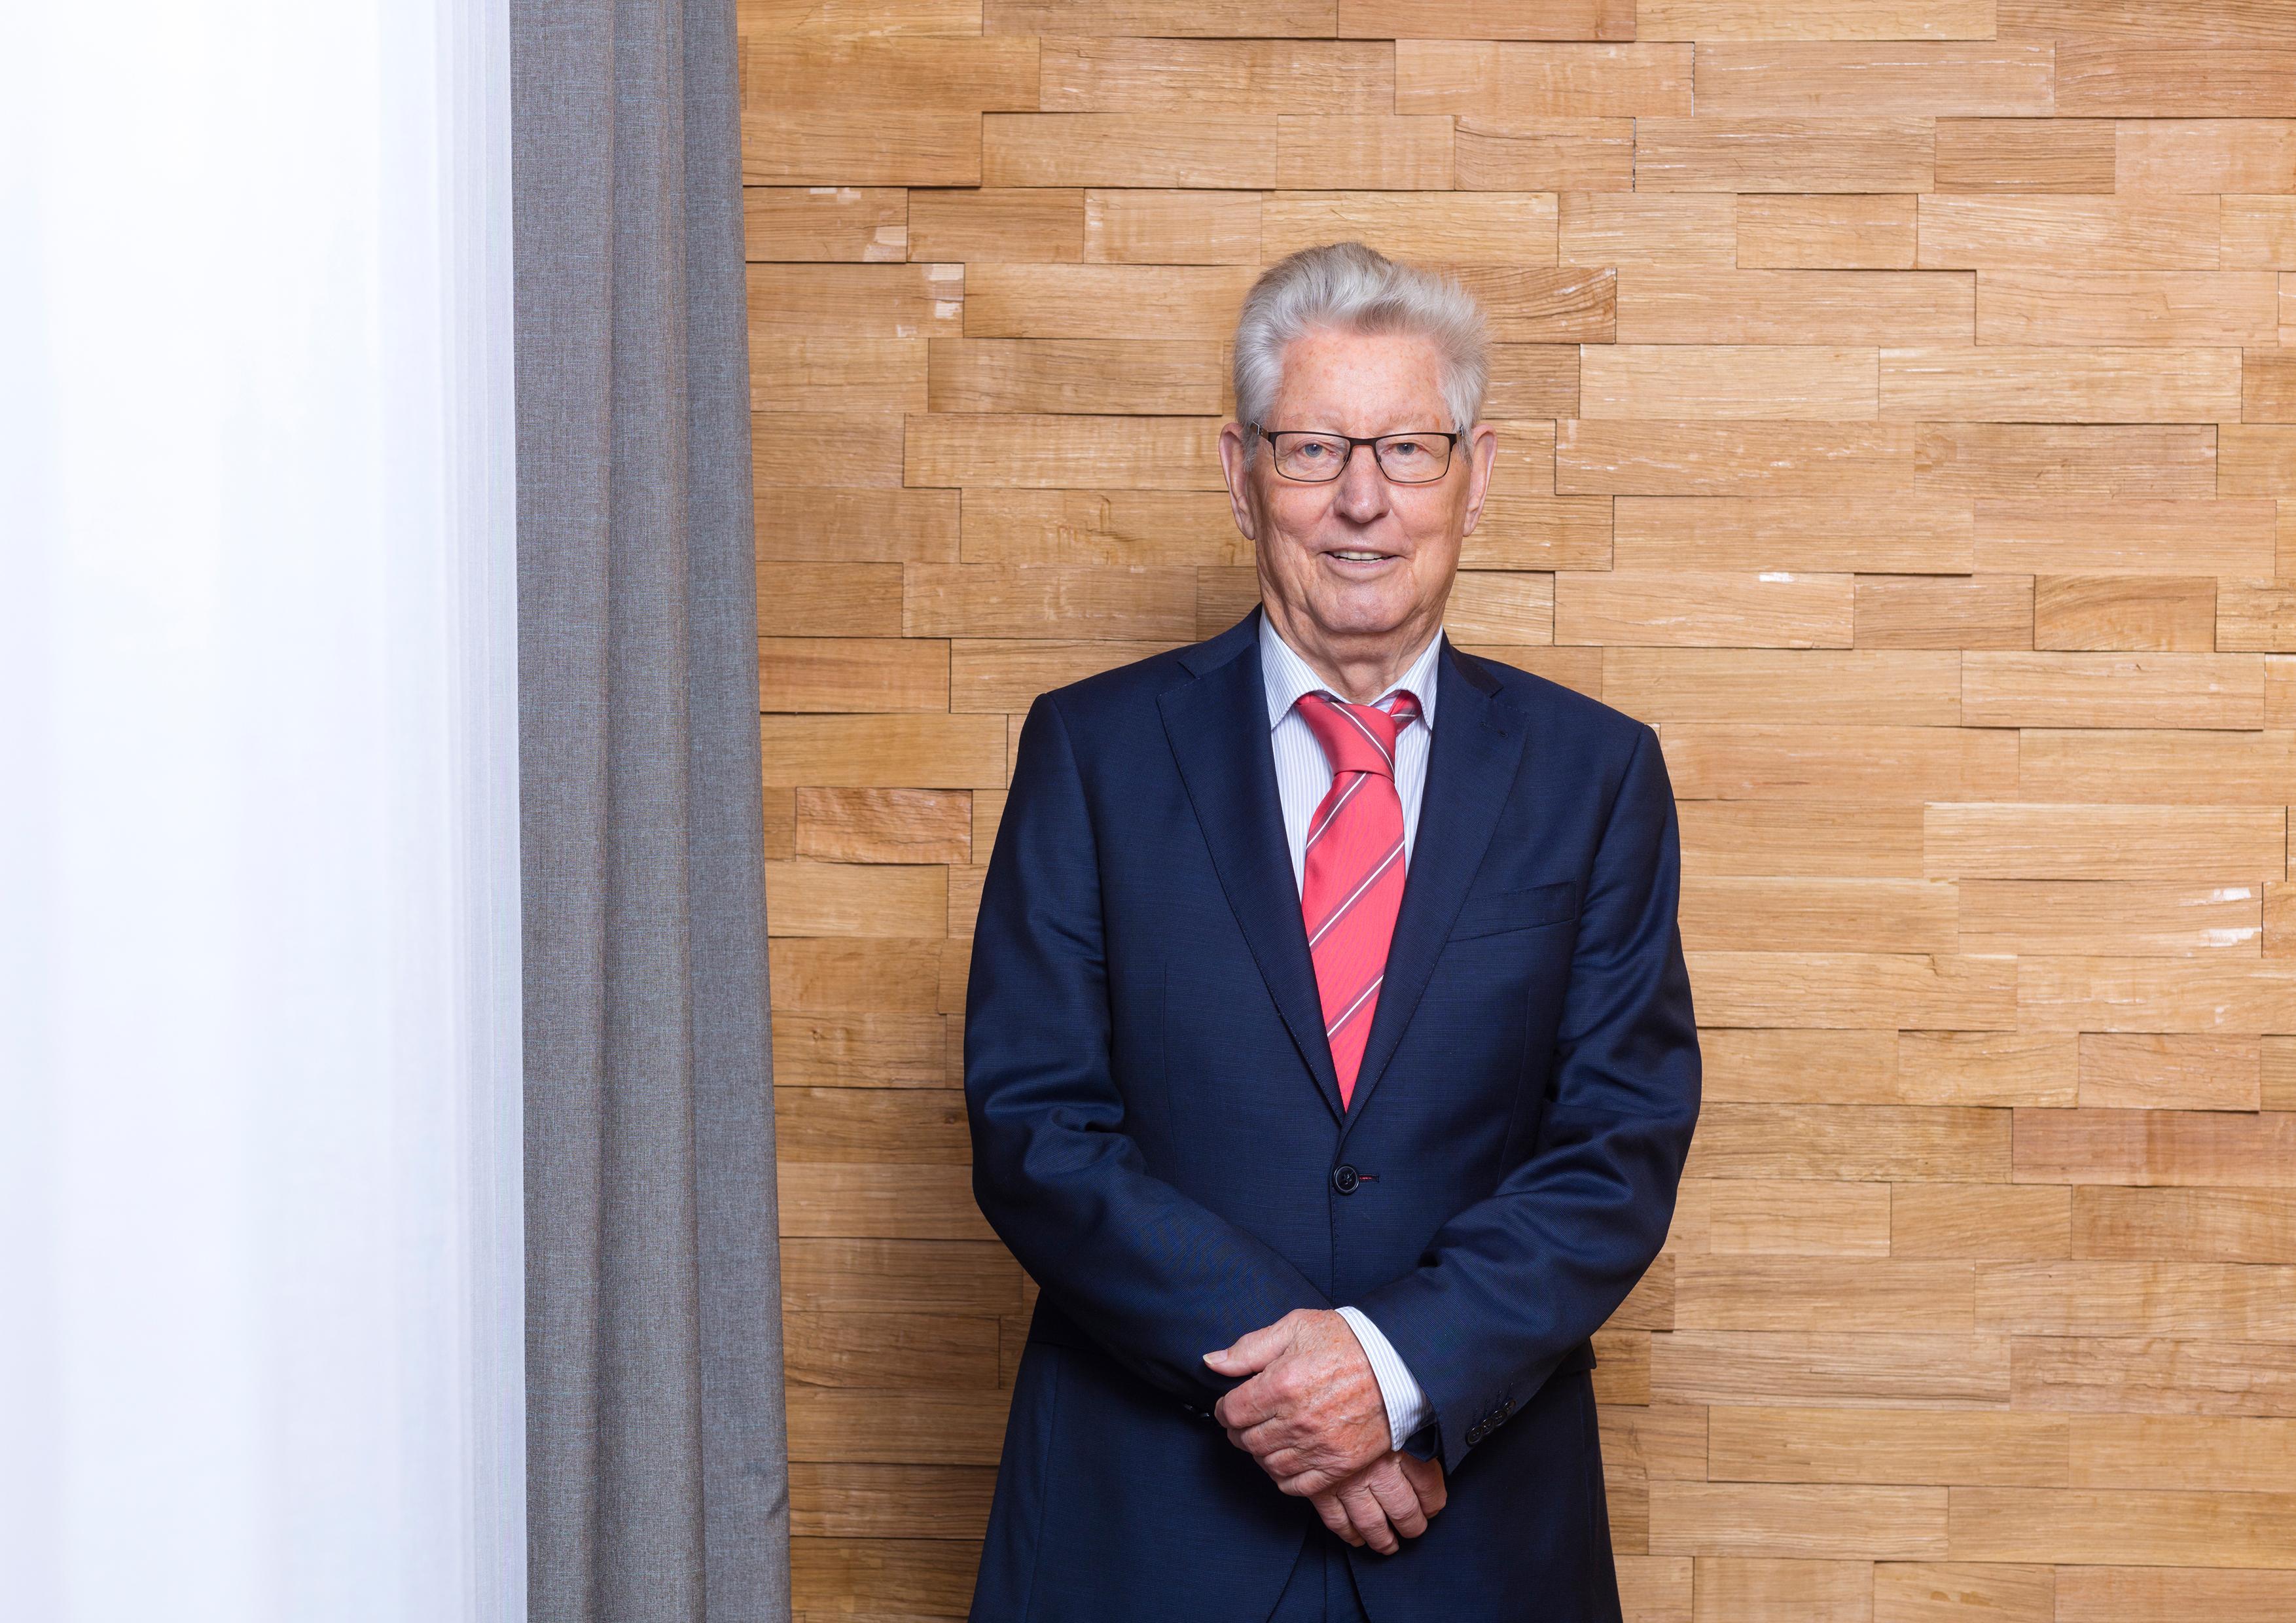 Johann Hoff, Gründer von Firmengründer Johann Hoff von HOFF und Partner, ist verstorben (Foto: HOFF und Partner)